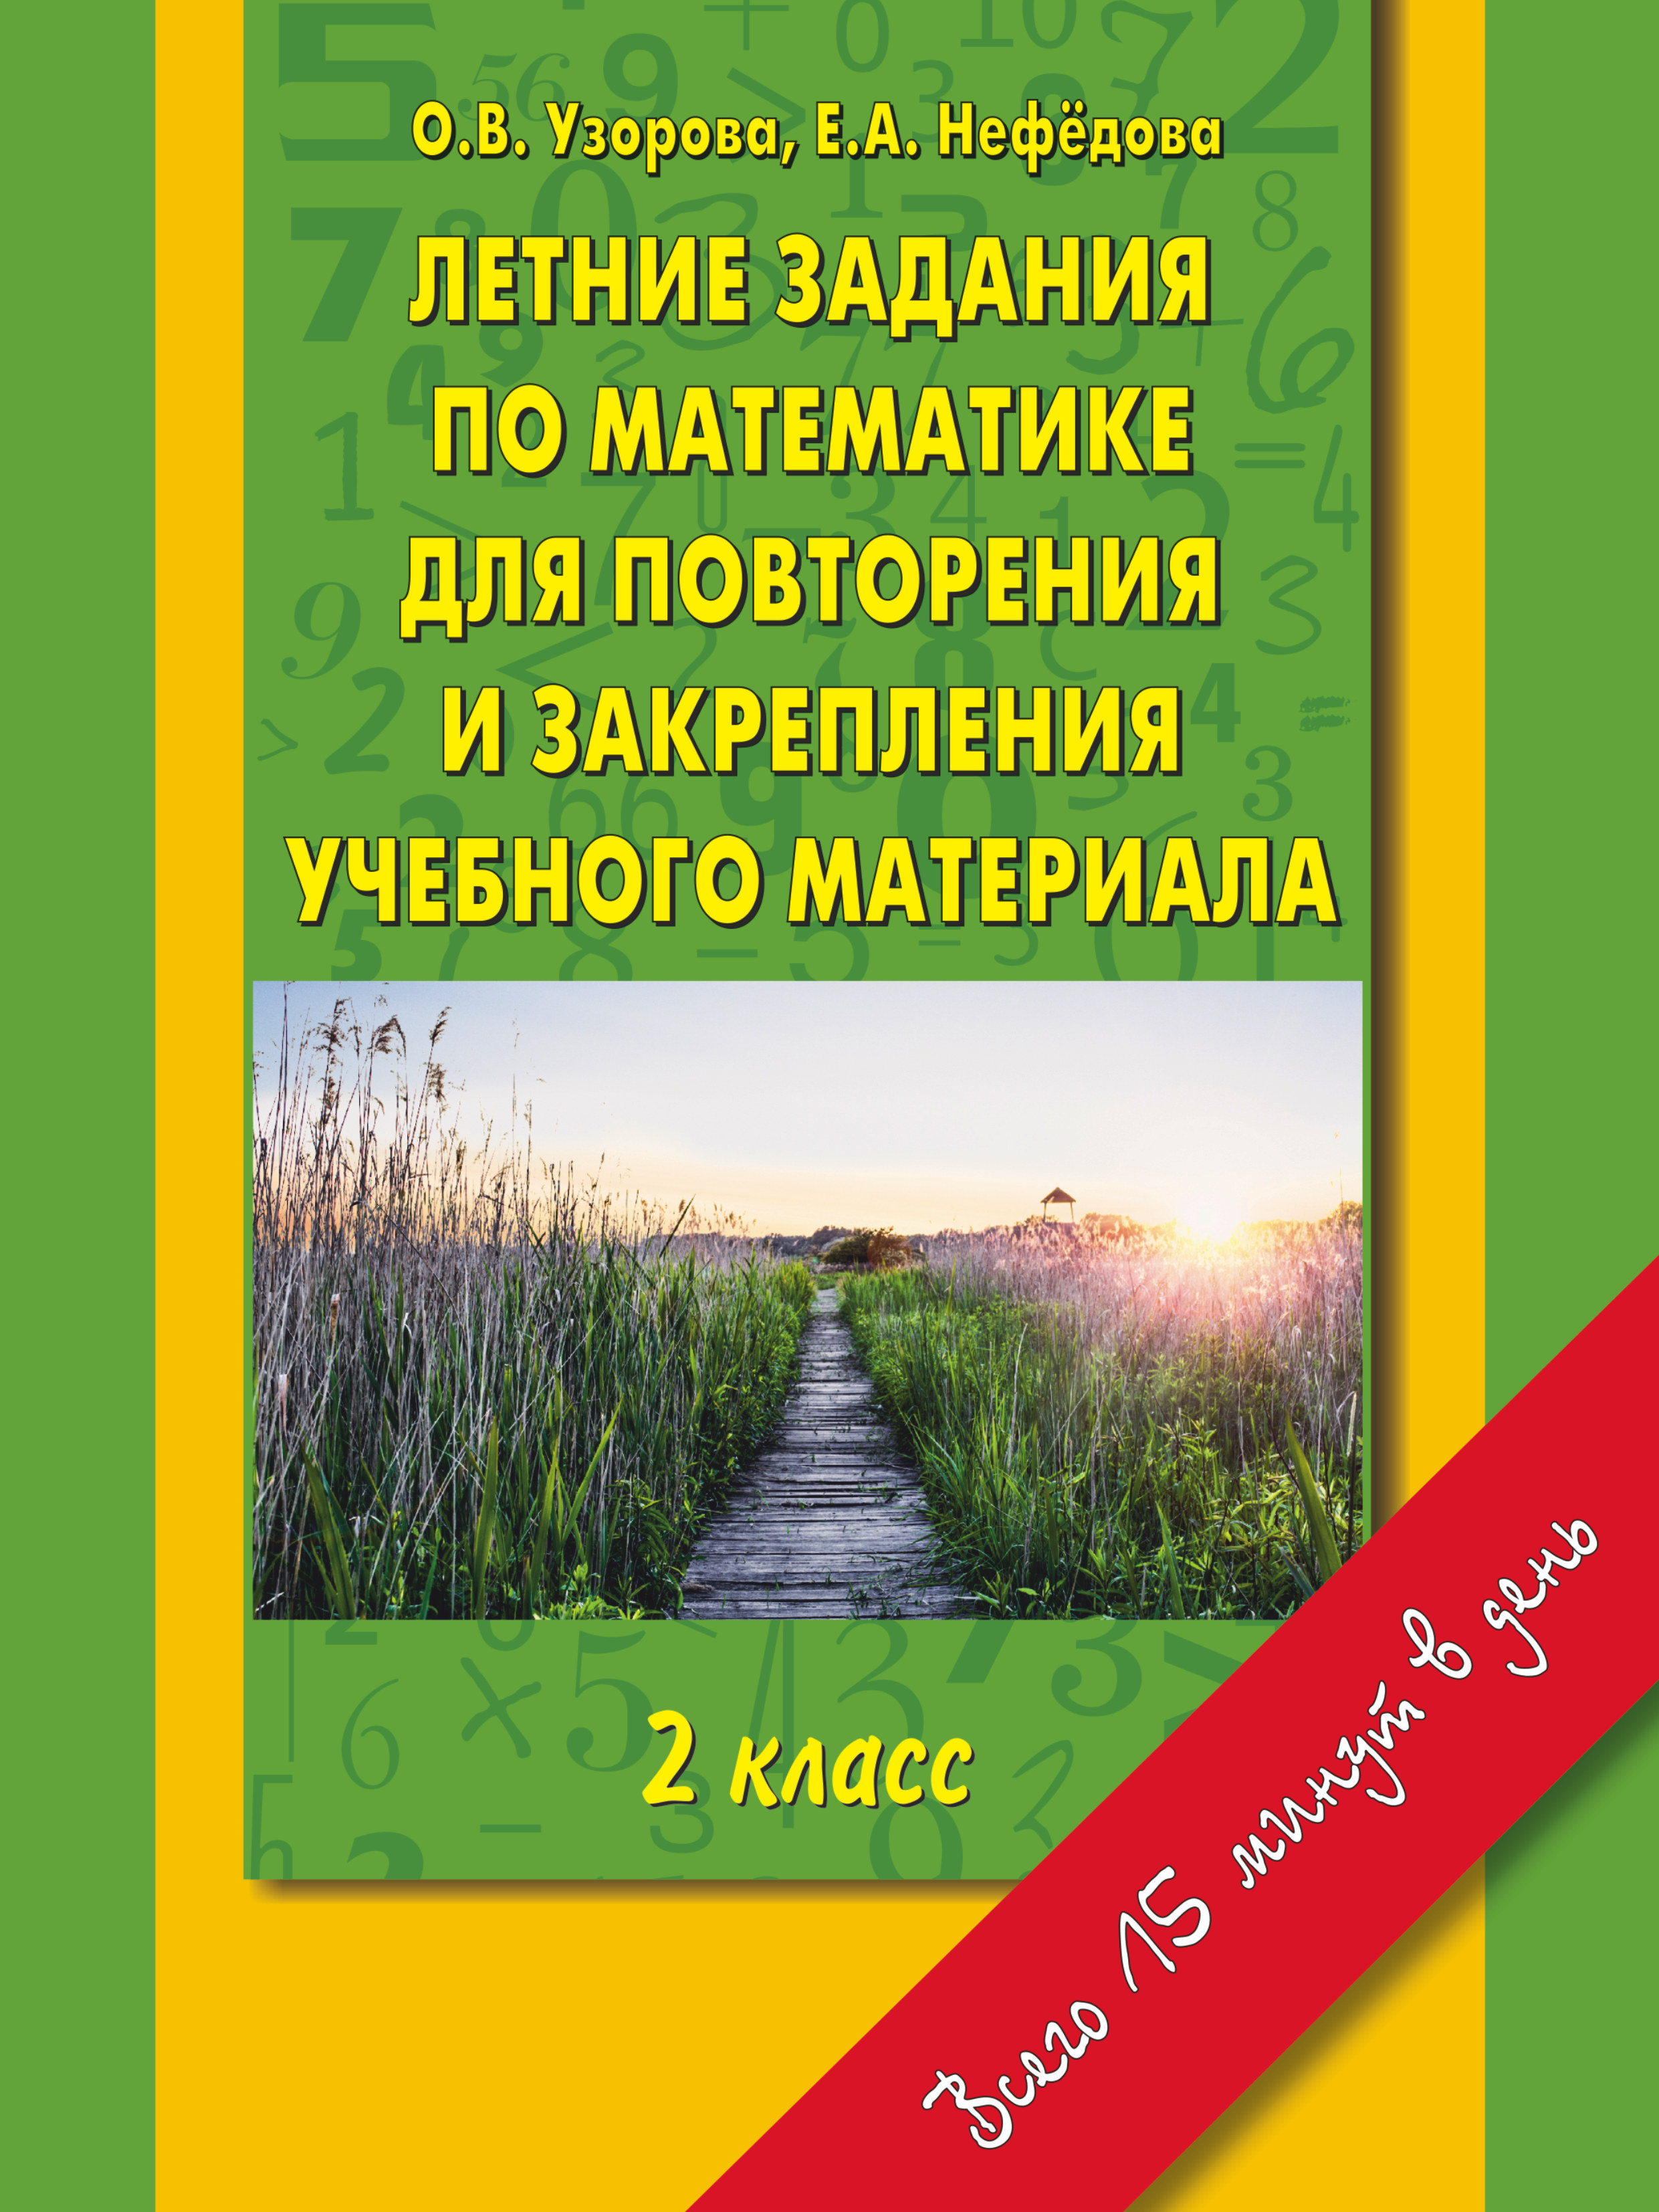 Летние задания по математике для повторения и закрепления учебного материала. 2 класс. от book24.ru